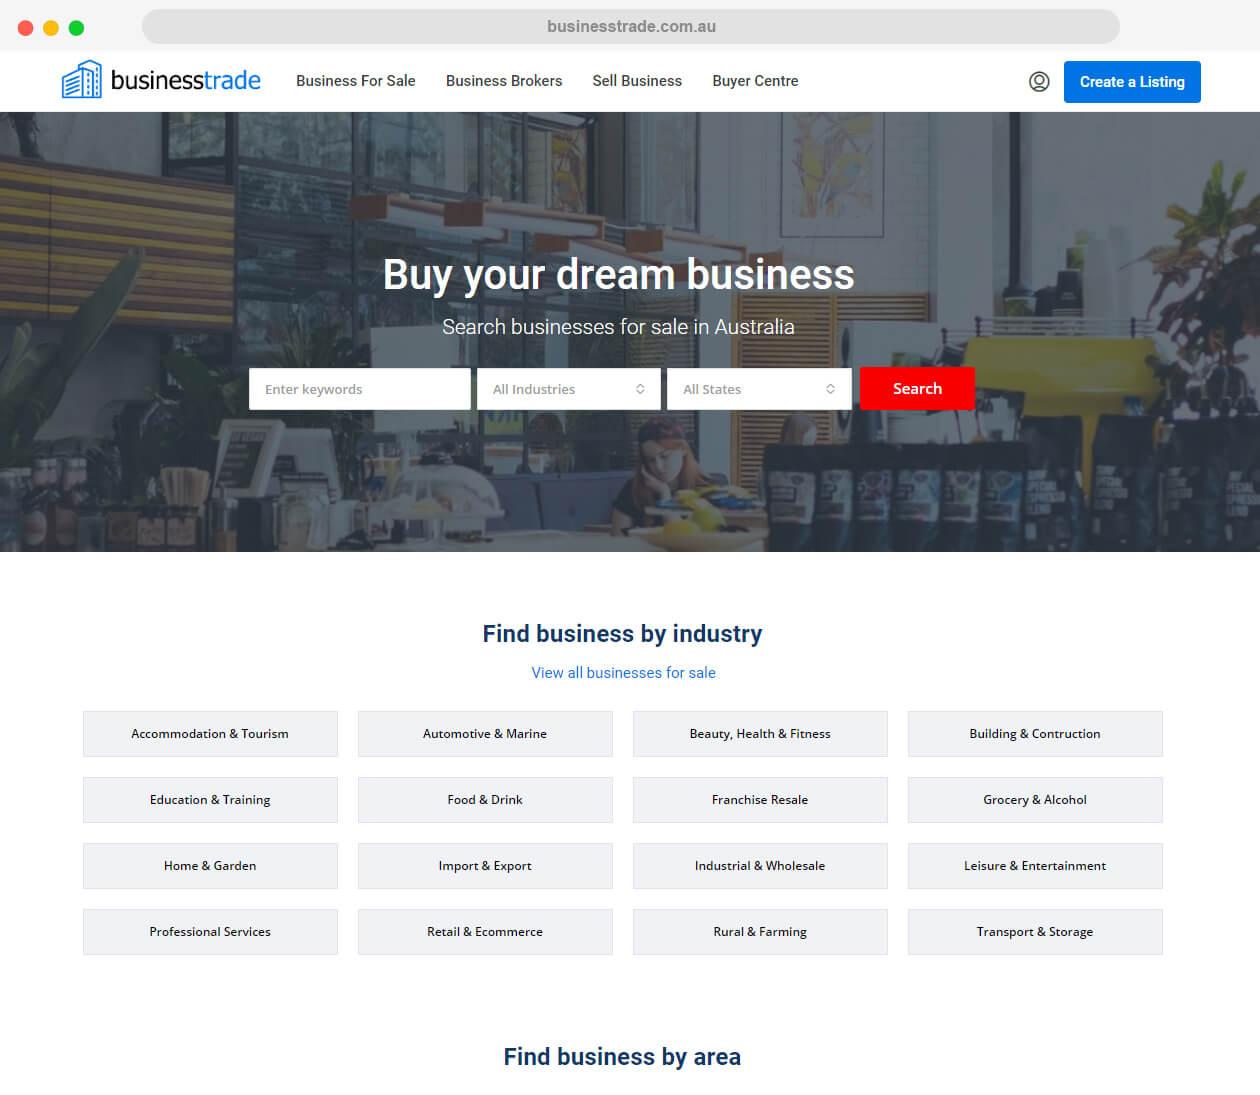 businesstrade.com.au - website